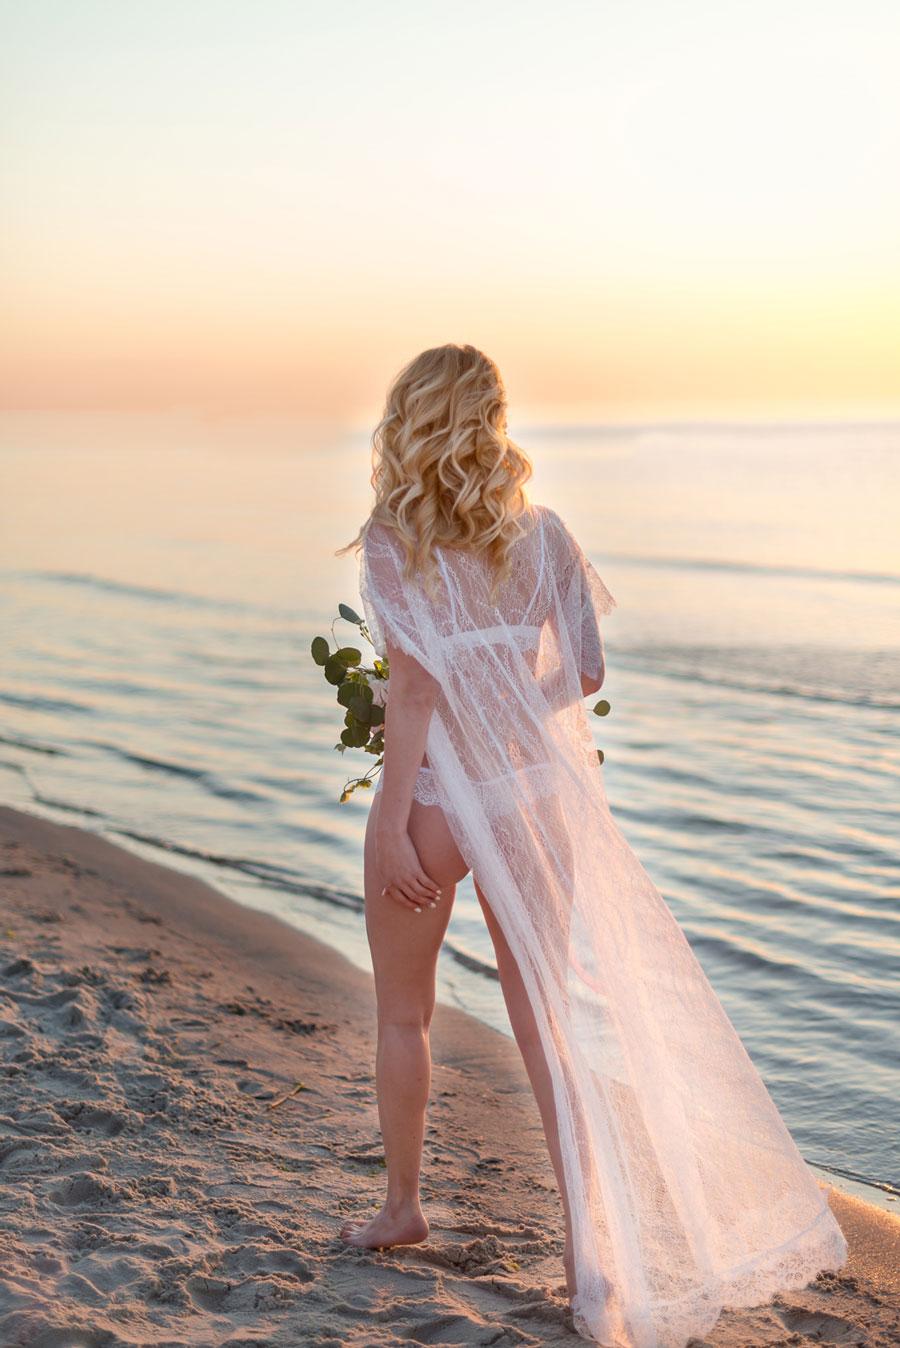 Stunning beach boudoir shoot!